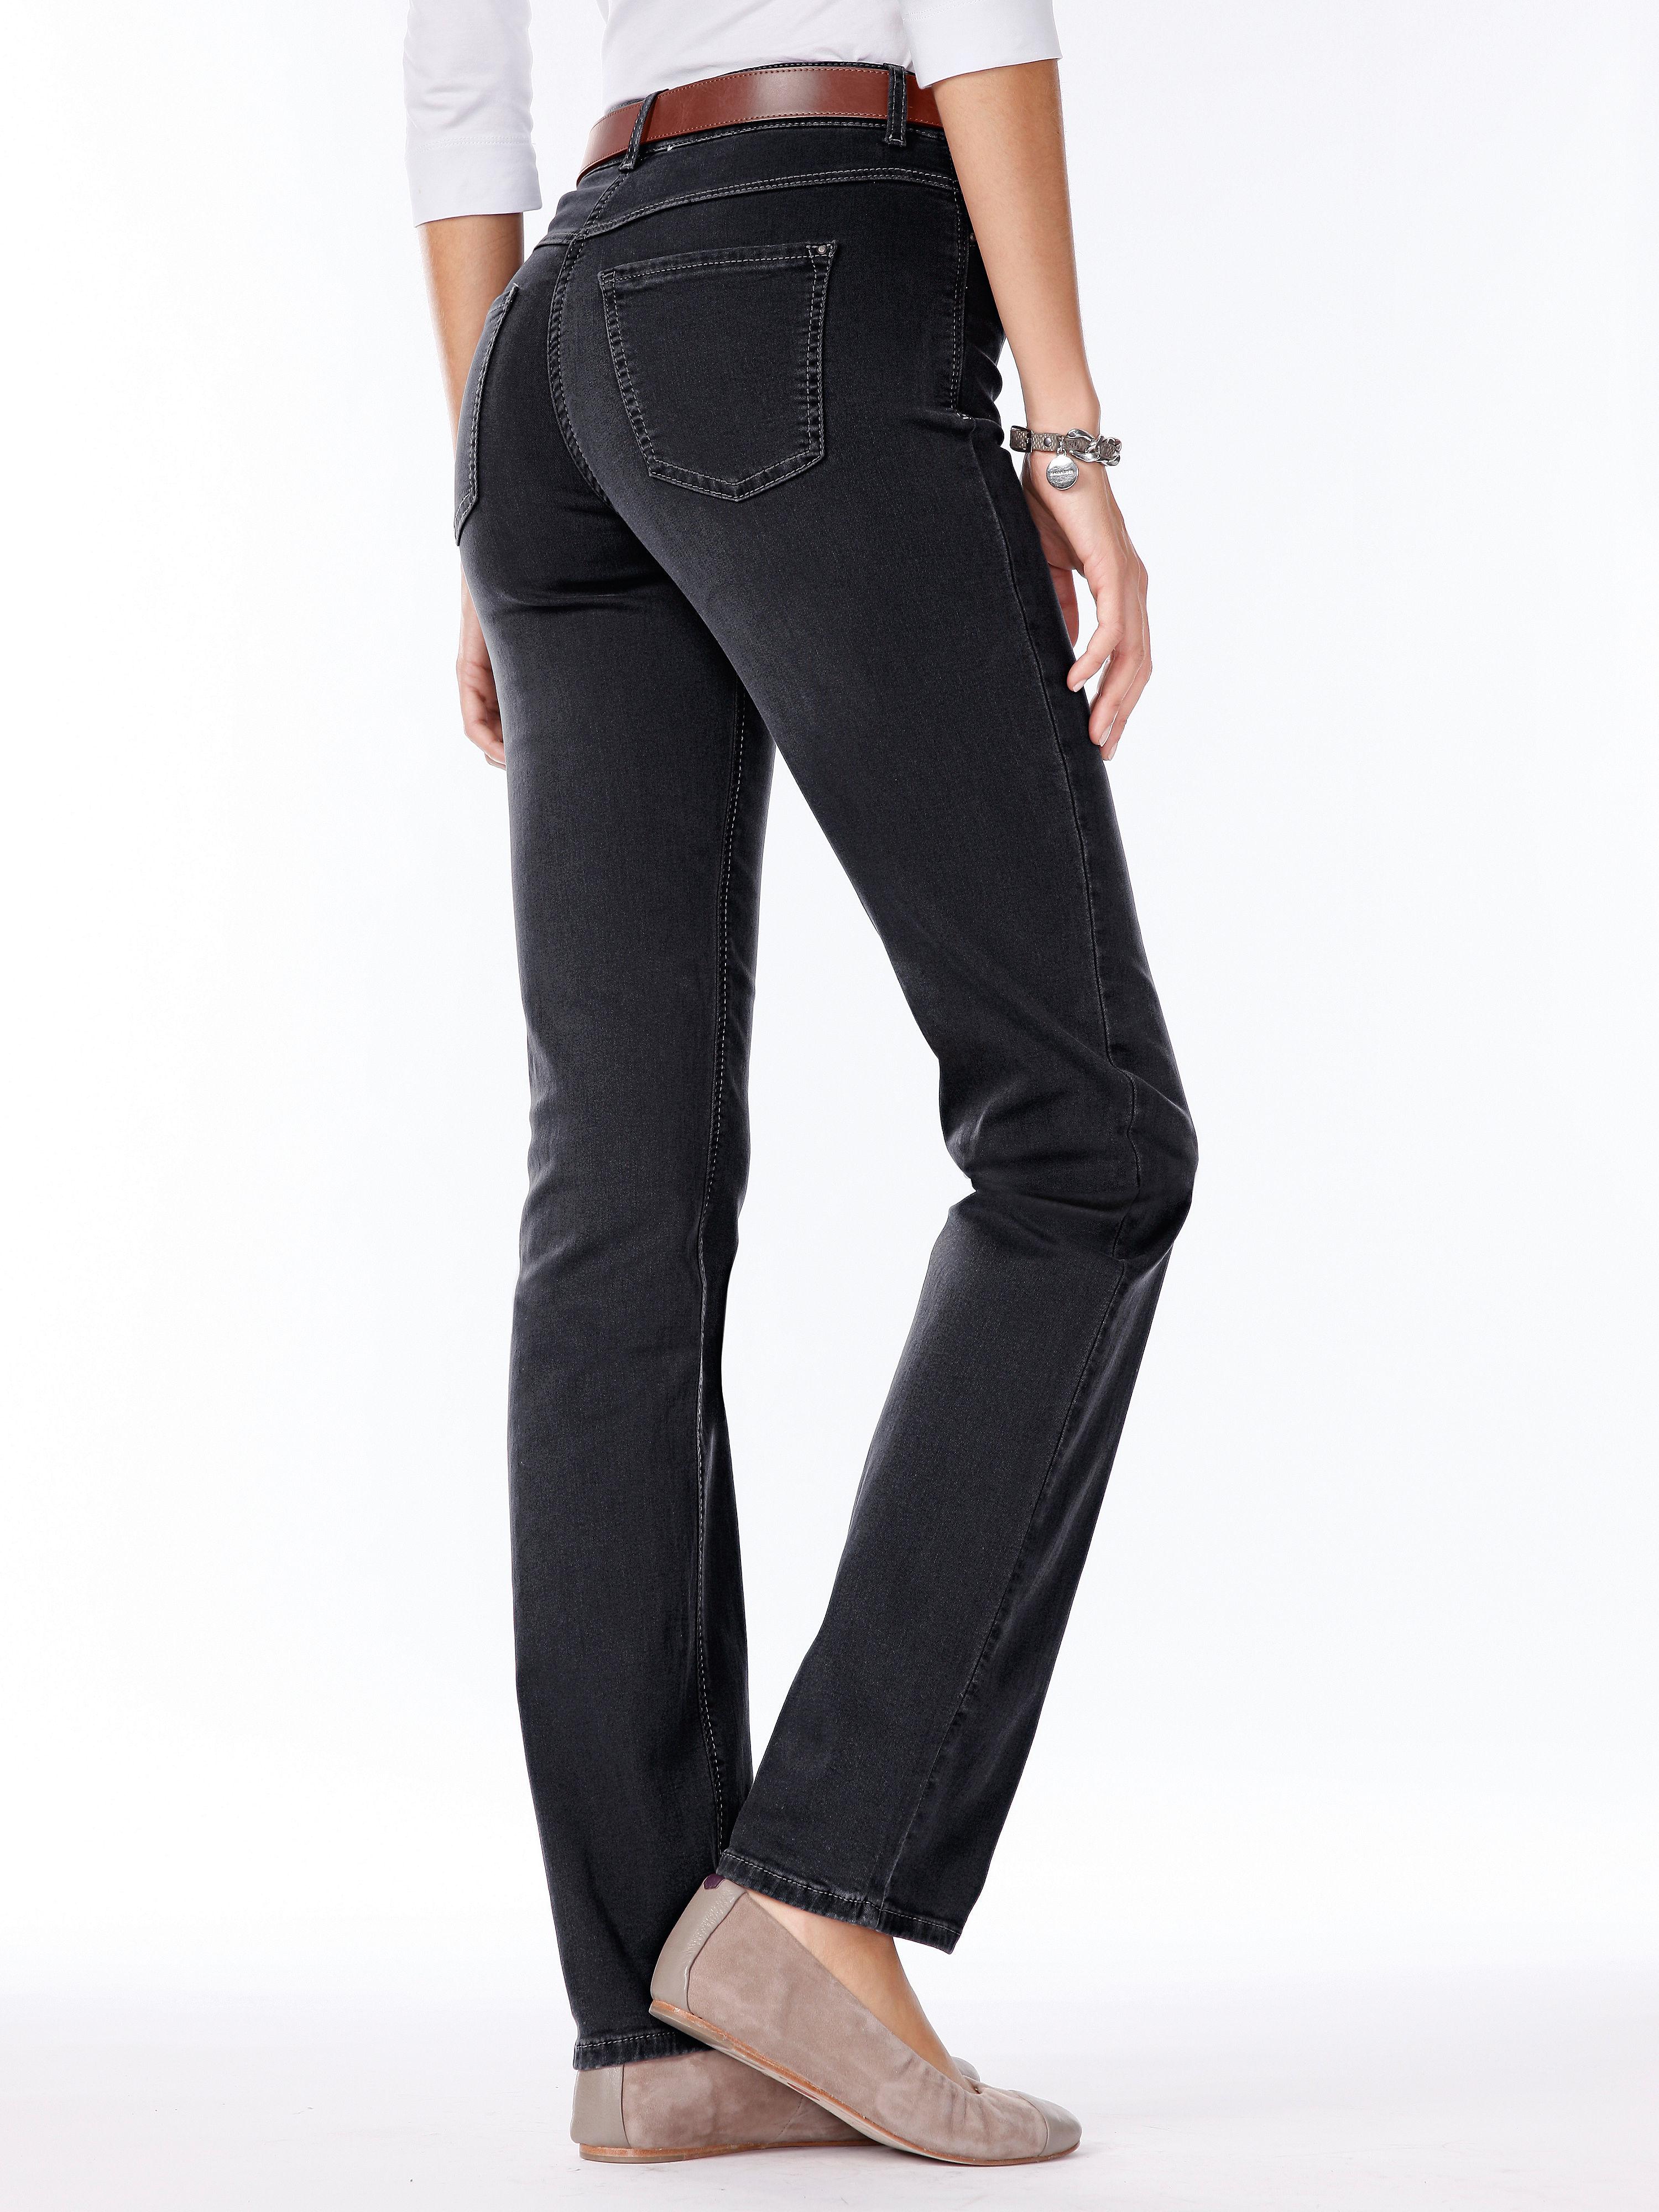 Jeans 'dream' van mac, in smal 5 pocketsmodel met optimale bewegingsvrijheid dankzij innovatieve en bijzonder ...